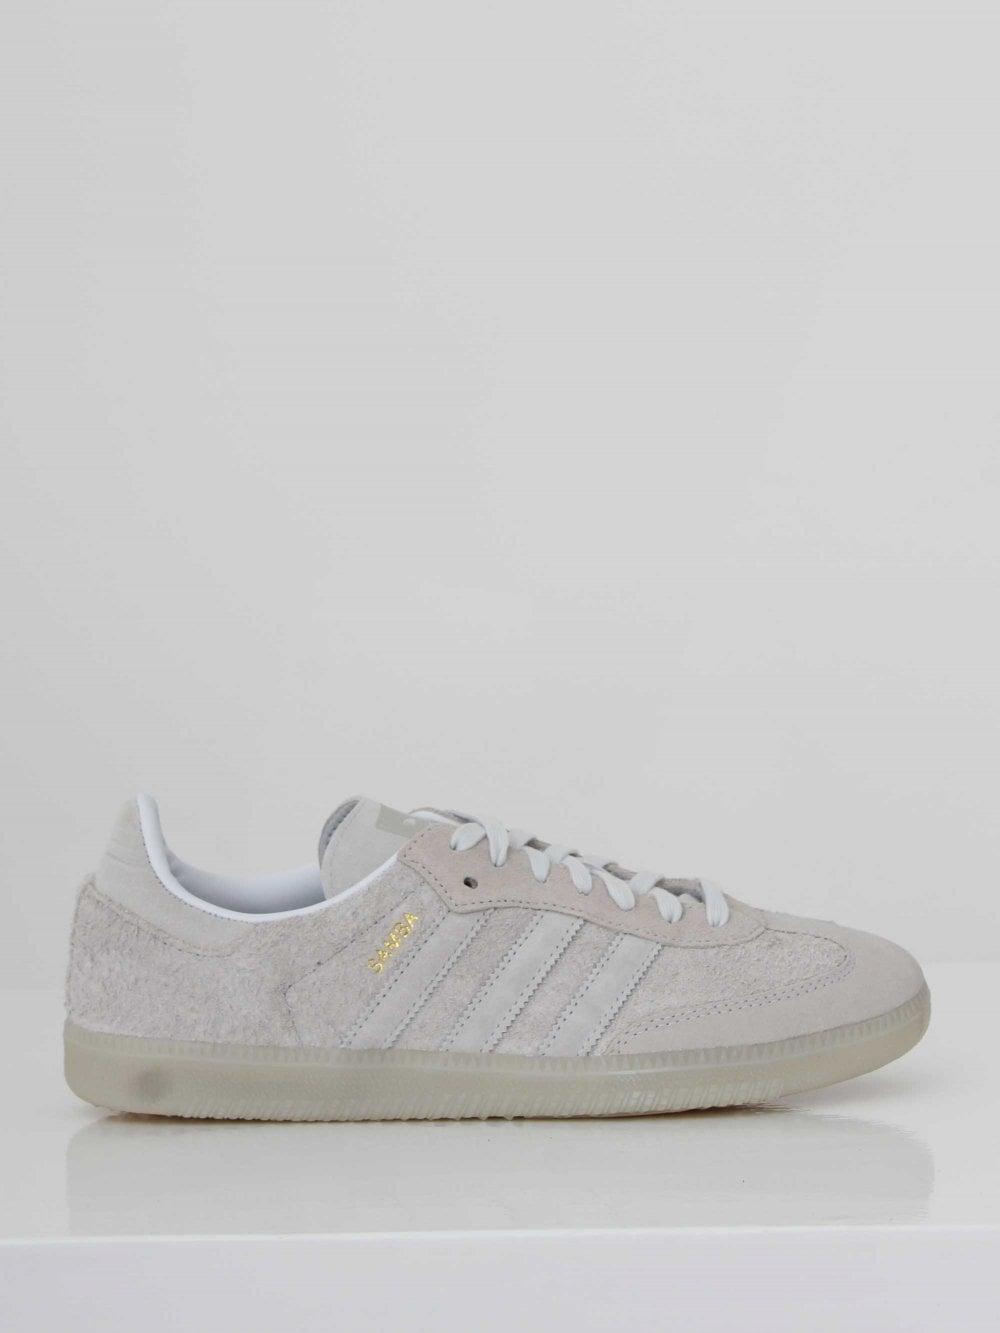 bdb752df988a Adidas Samba OG in Crystal White